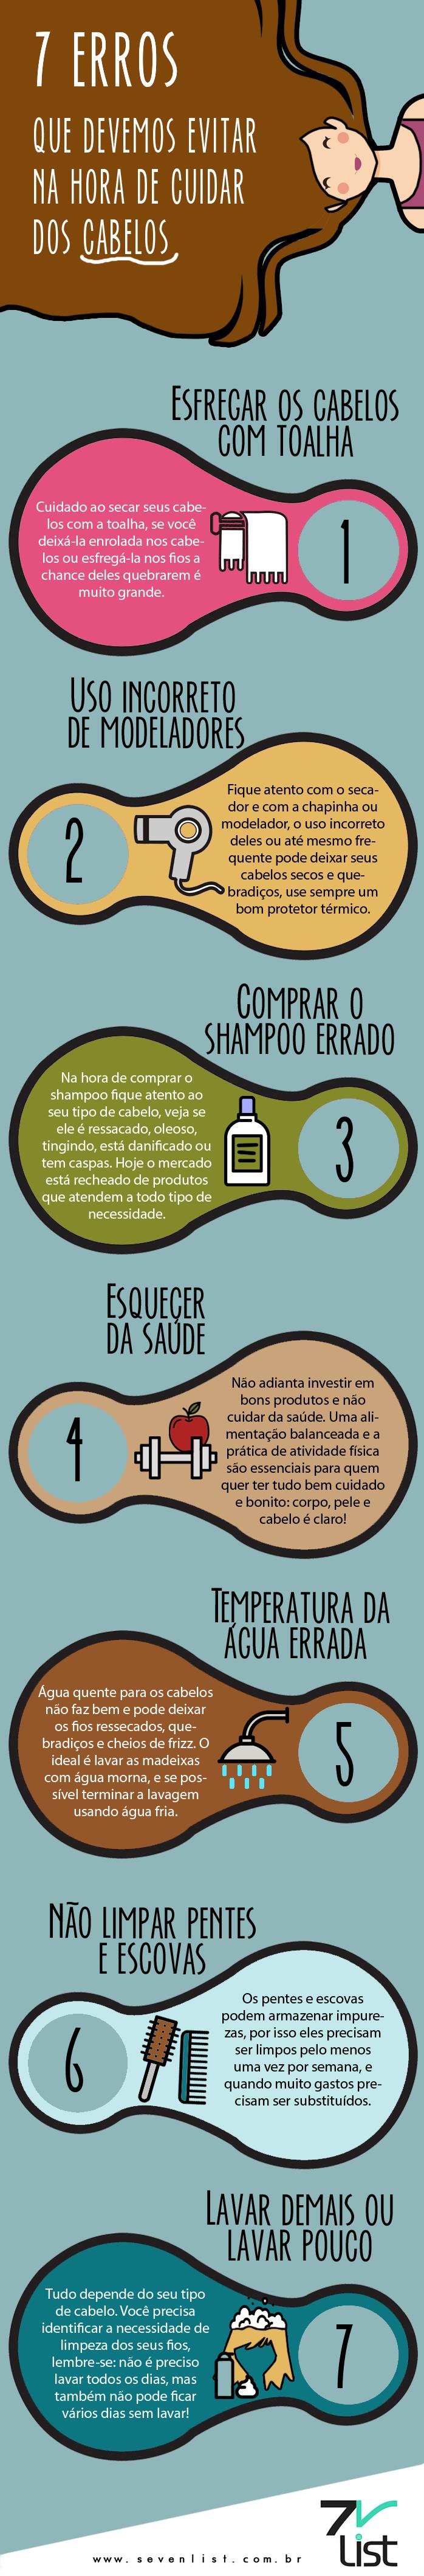 07 ERROS QUE NÃO PODEMOS COMETER COM O CUIDADO DE NOSSOS CABELOS| DICA DRICATURCA DELUXE BRANDS. FONTE : www.sevenlist.com.br